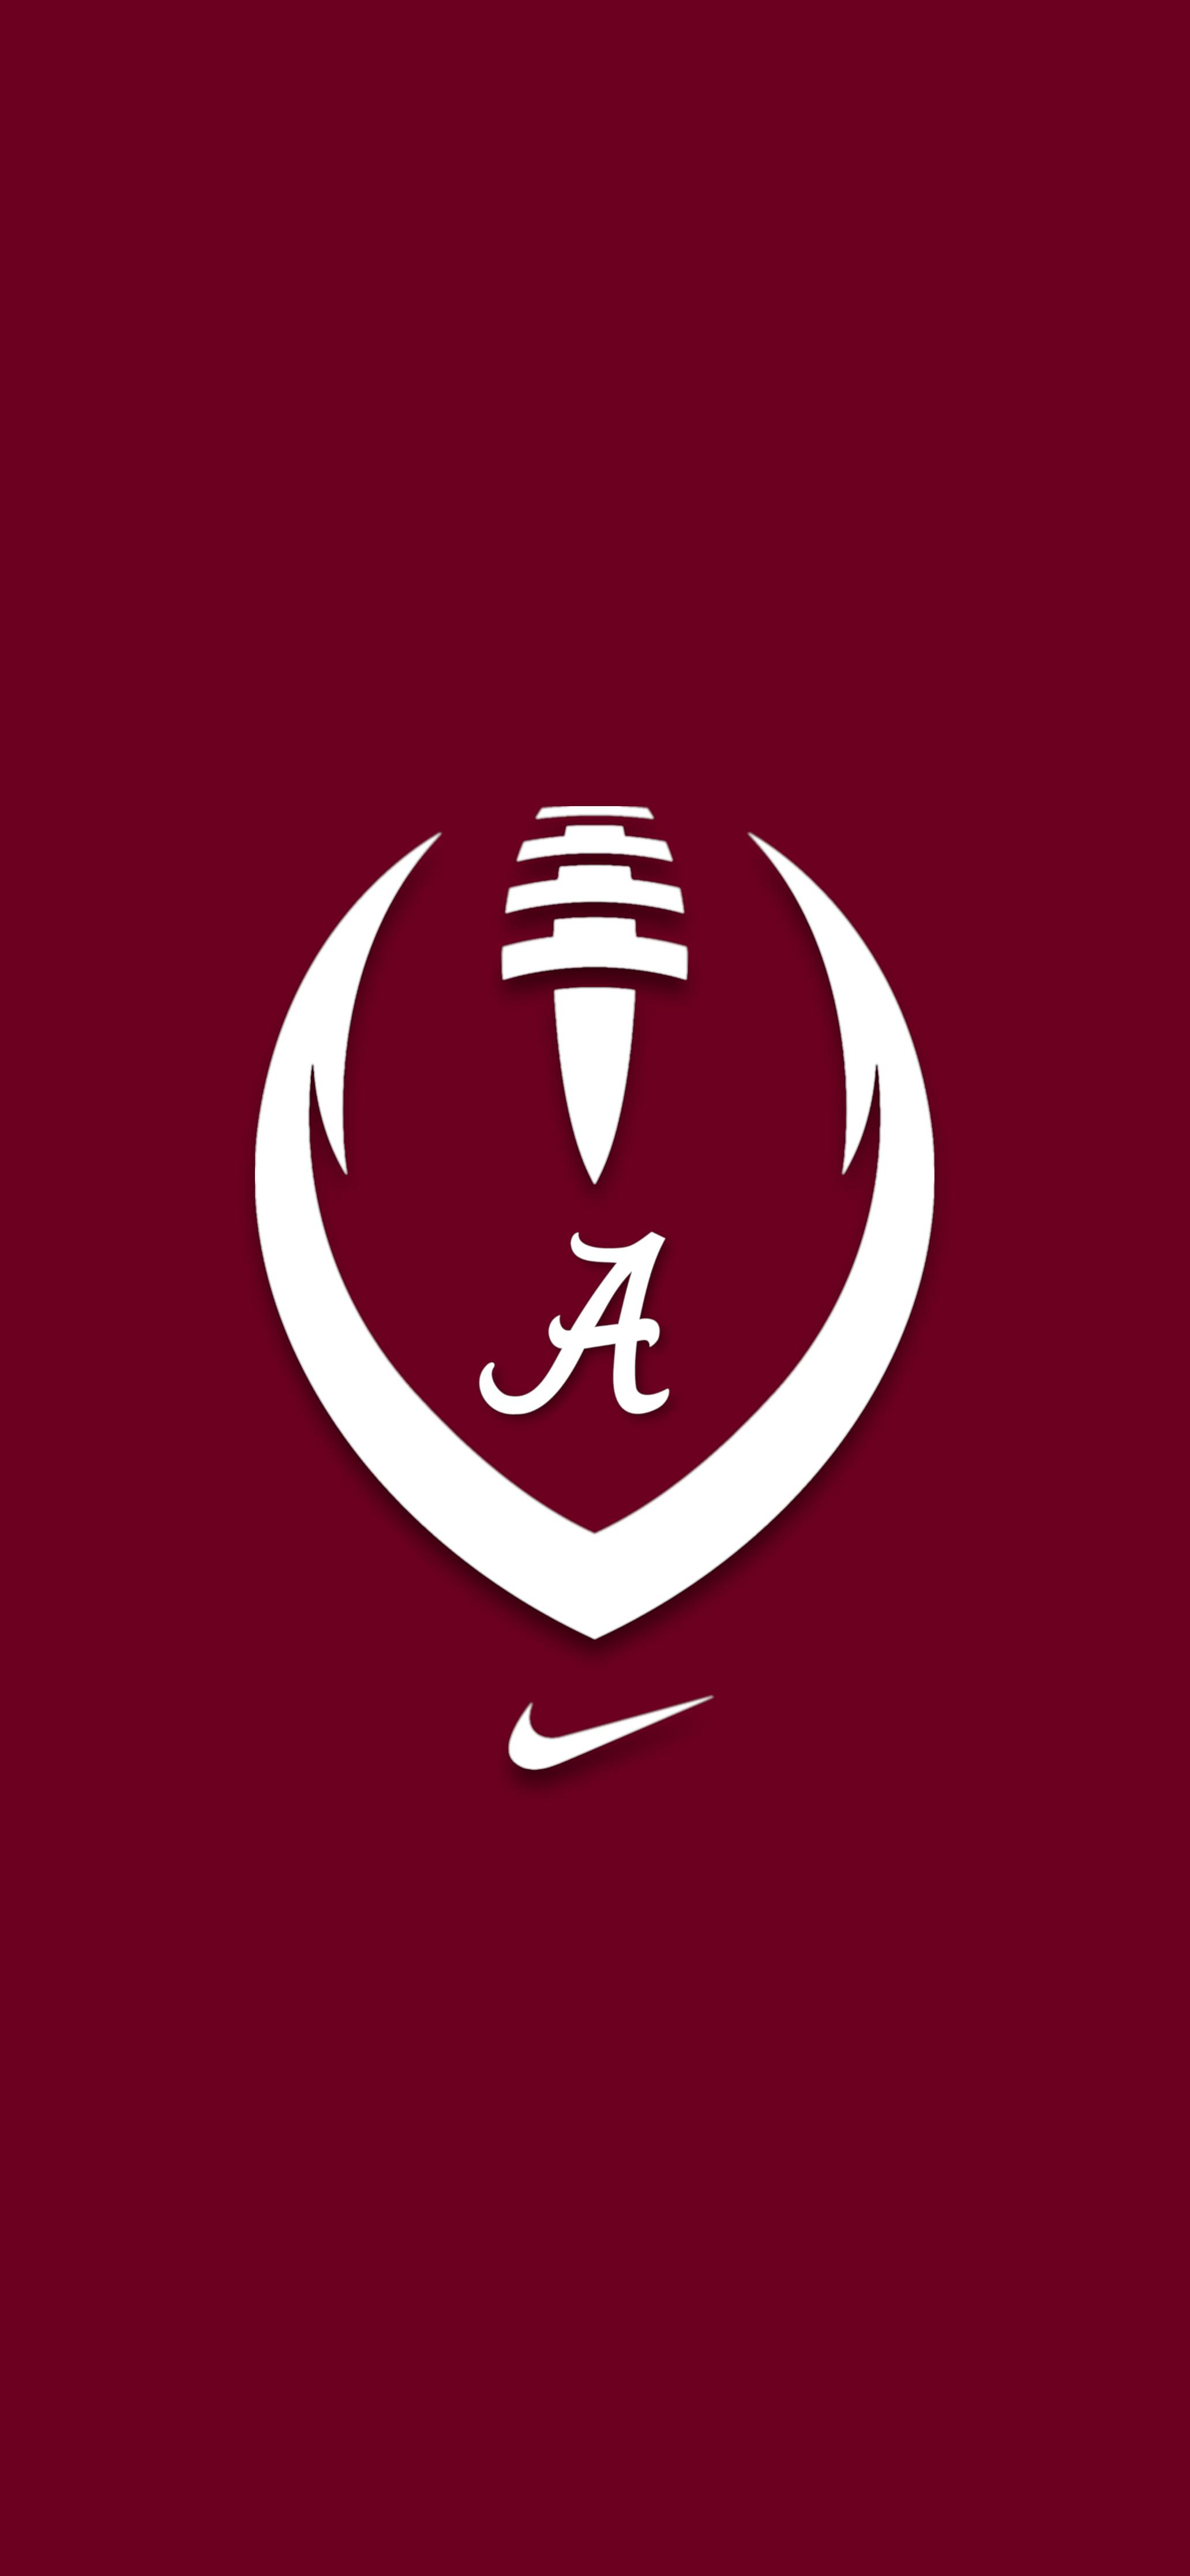 Nike Ball 3 Alabama Crimson Tide Logo Alabama Crimson Tide Football Wallpaper Tide Logo